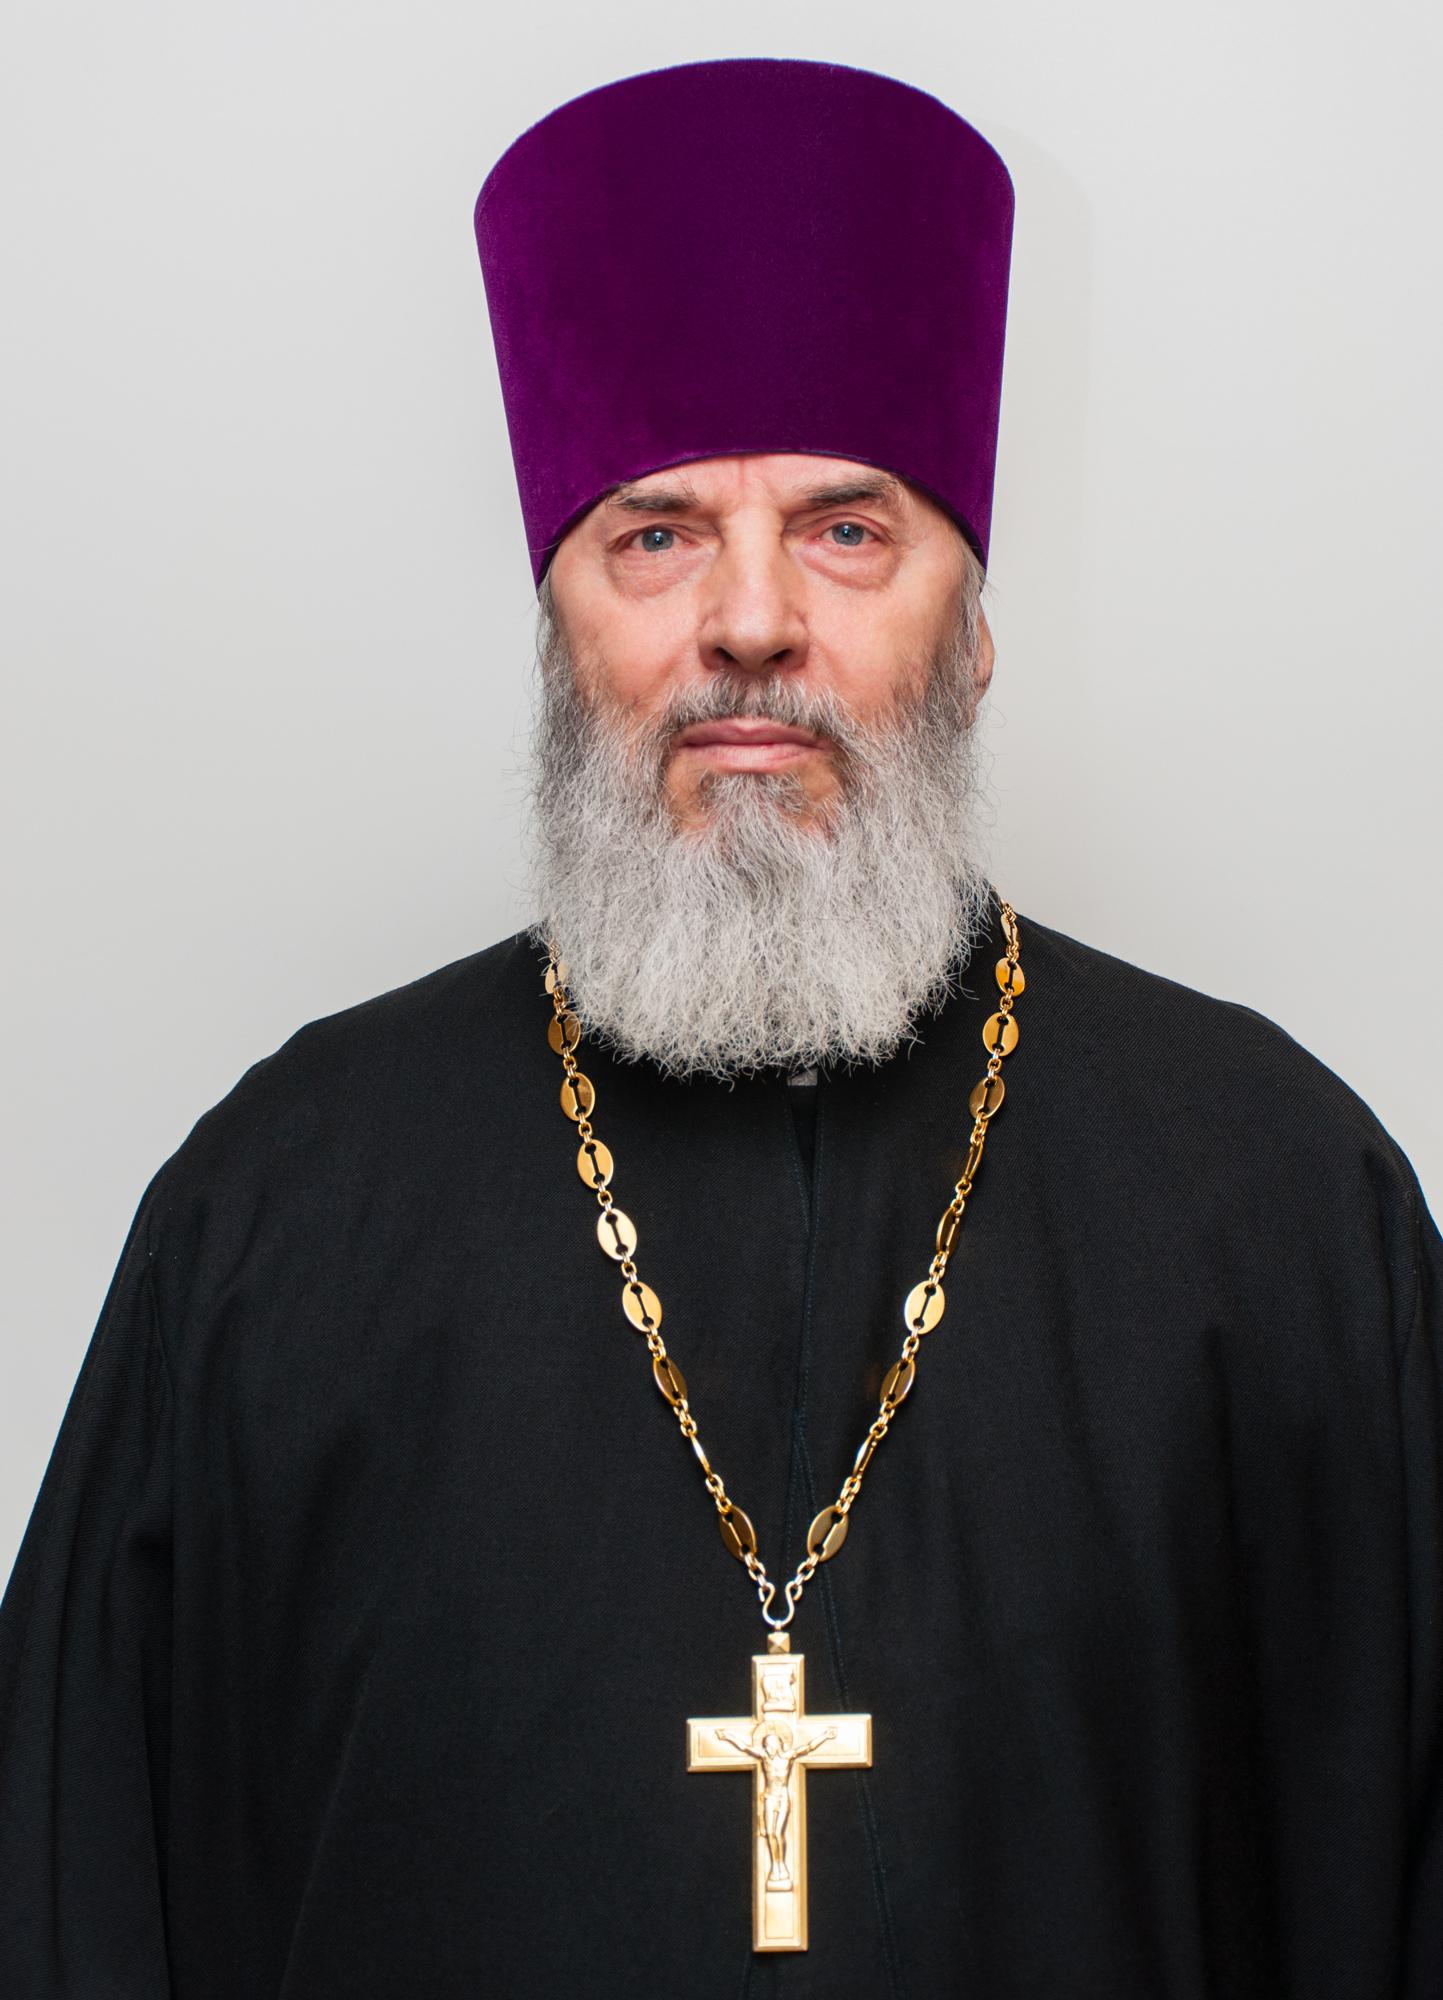 Протоиерей Борис Сергеевич Колычевский